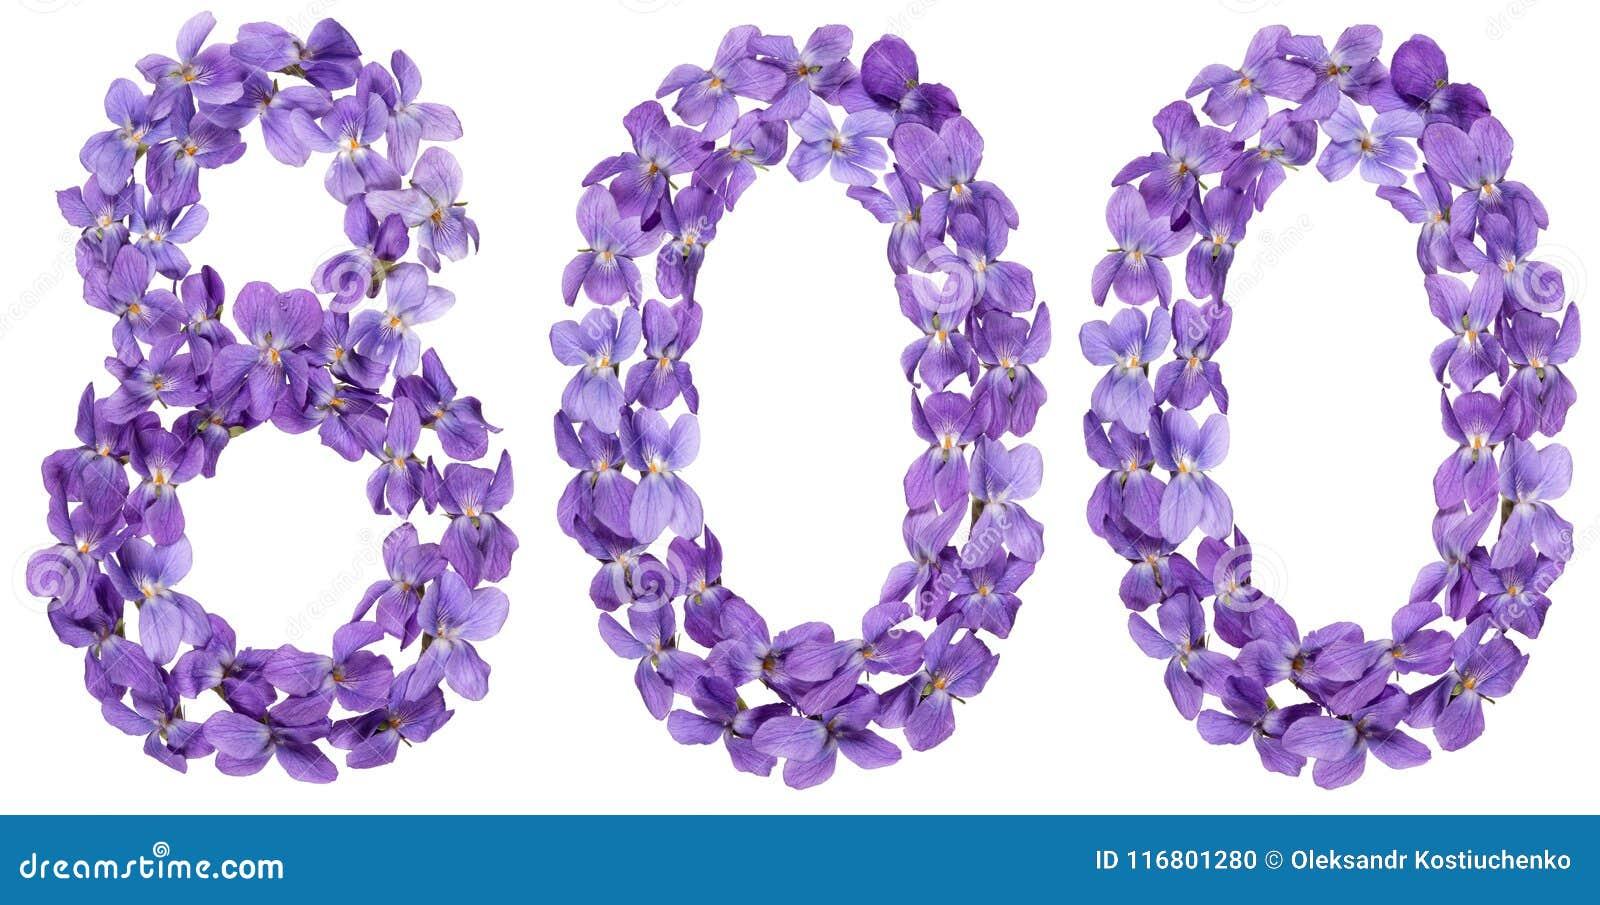 Numero arabo 800, ottocento, dai fiori della viola, isolat